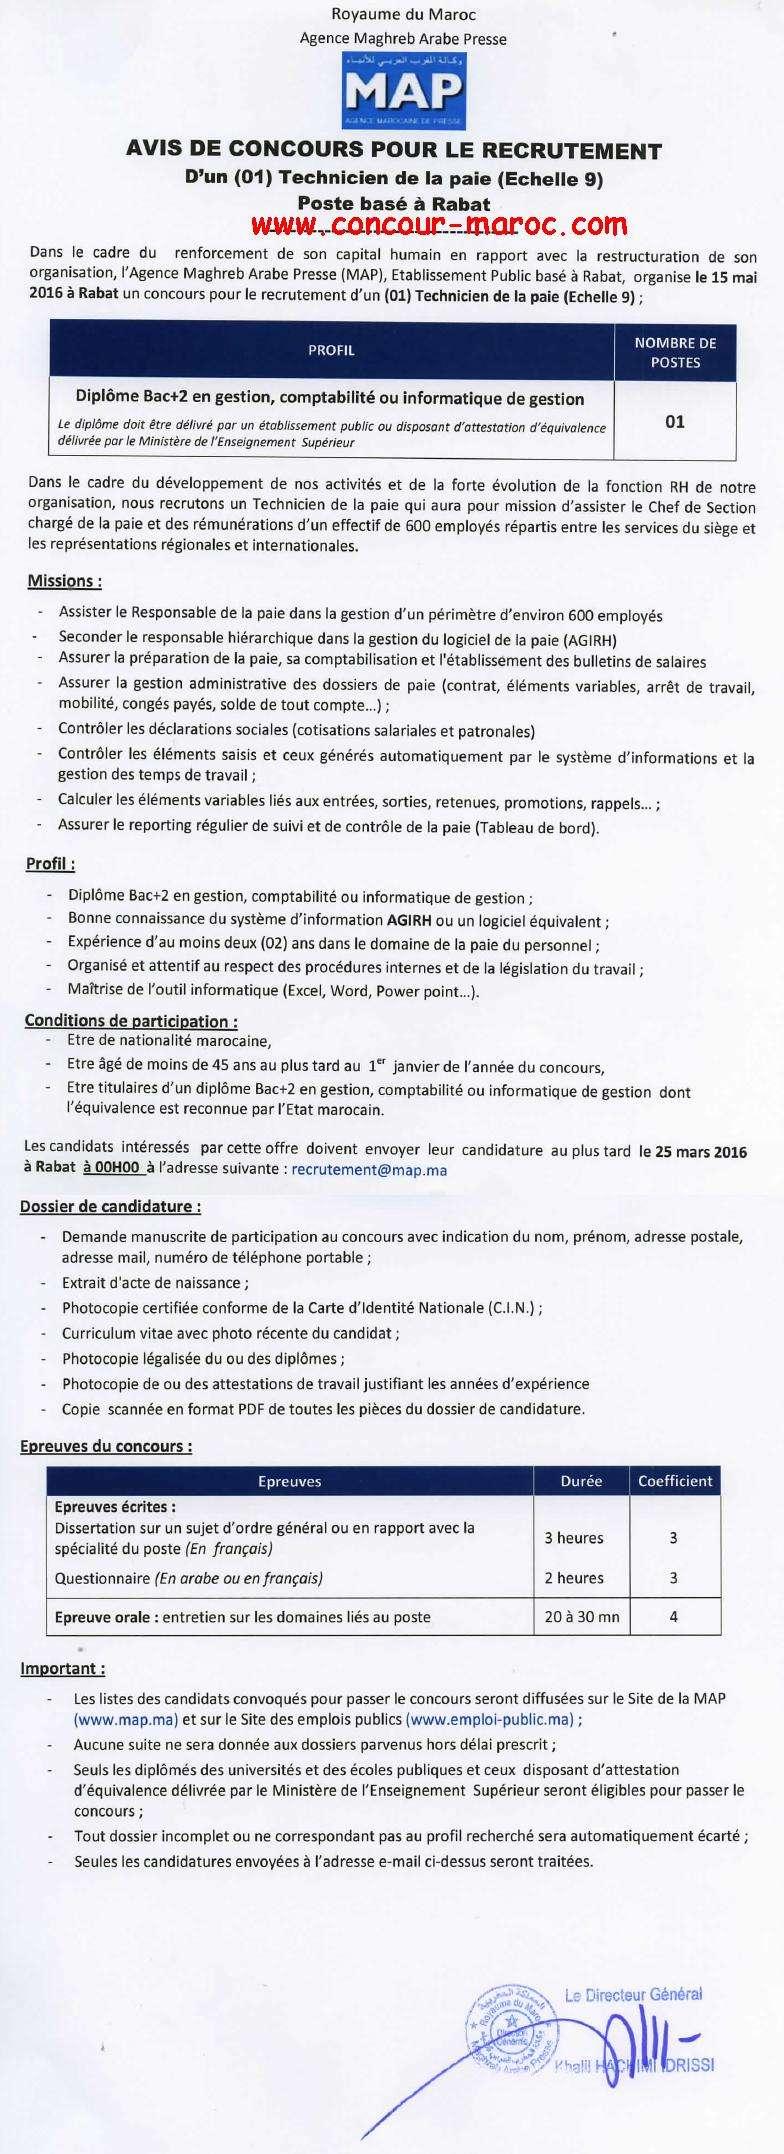 وكالة المغرب العربي للأنباء : مباراة لتوظيف ثقني في الاجور سلم 9 (1 منصب) و اطار في الموارد البشرية سلم 11(1 منصب) و مهندس الدراسات سلم 11(1 منصب) بمقر الرباط آخر أجل لإيداع الترشيحات 25 مارس 2016 Concou22